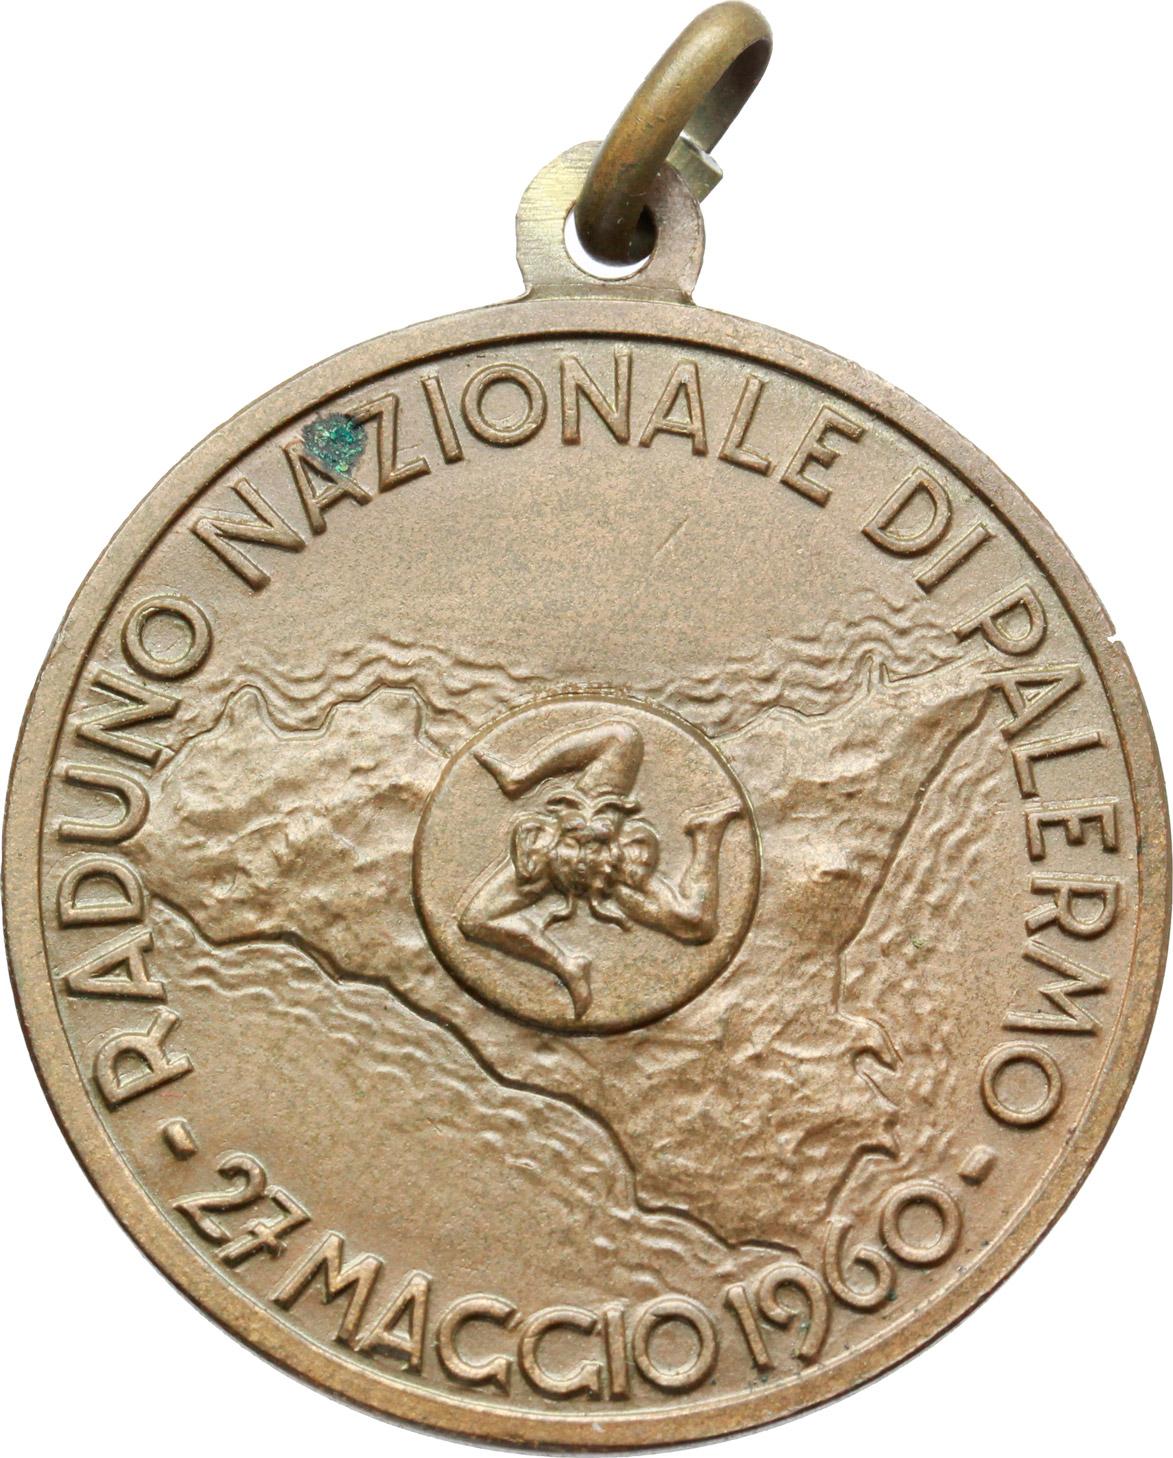 D/  Medaglia Le Associazioni Combattentistiche e d'Arma, 1860-1960. Raduno Nazionale di Palermo, 27 maggio 1960.     AE.   mm. 32.00    SPL.